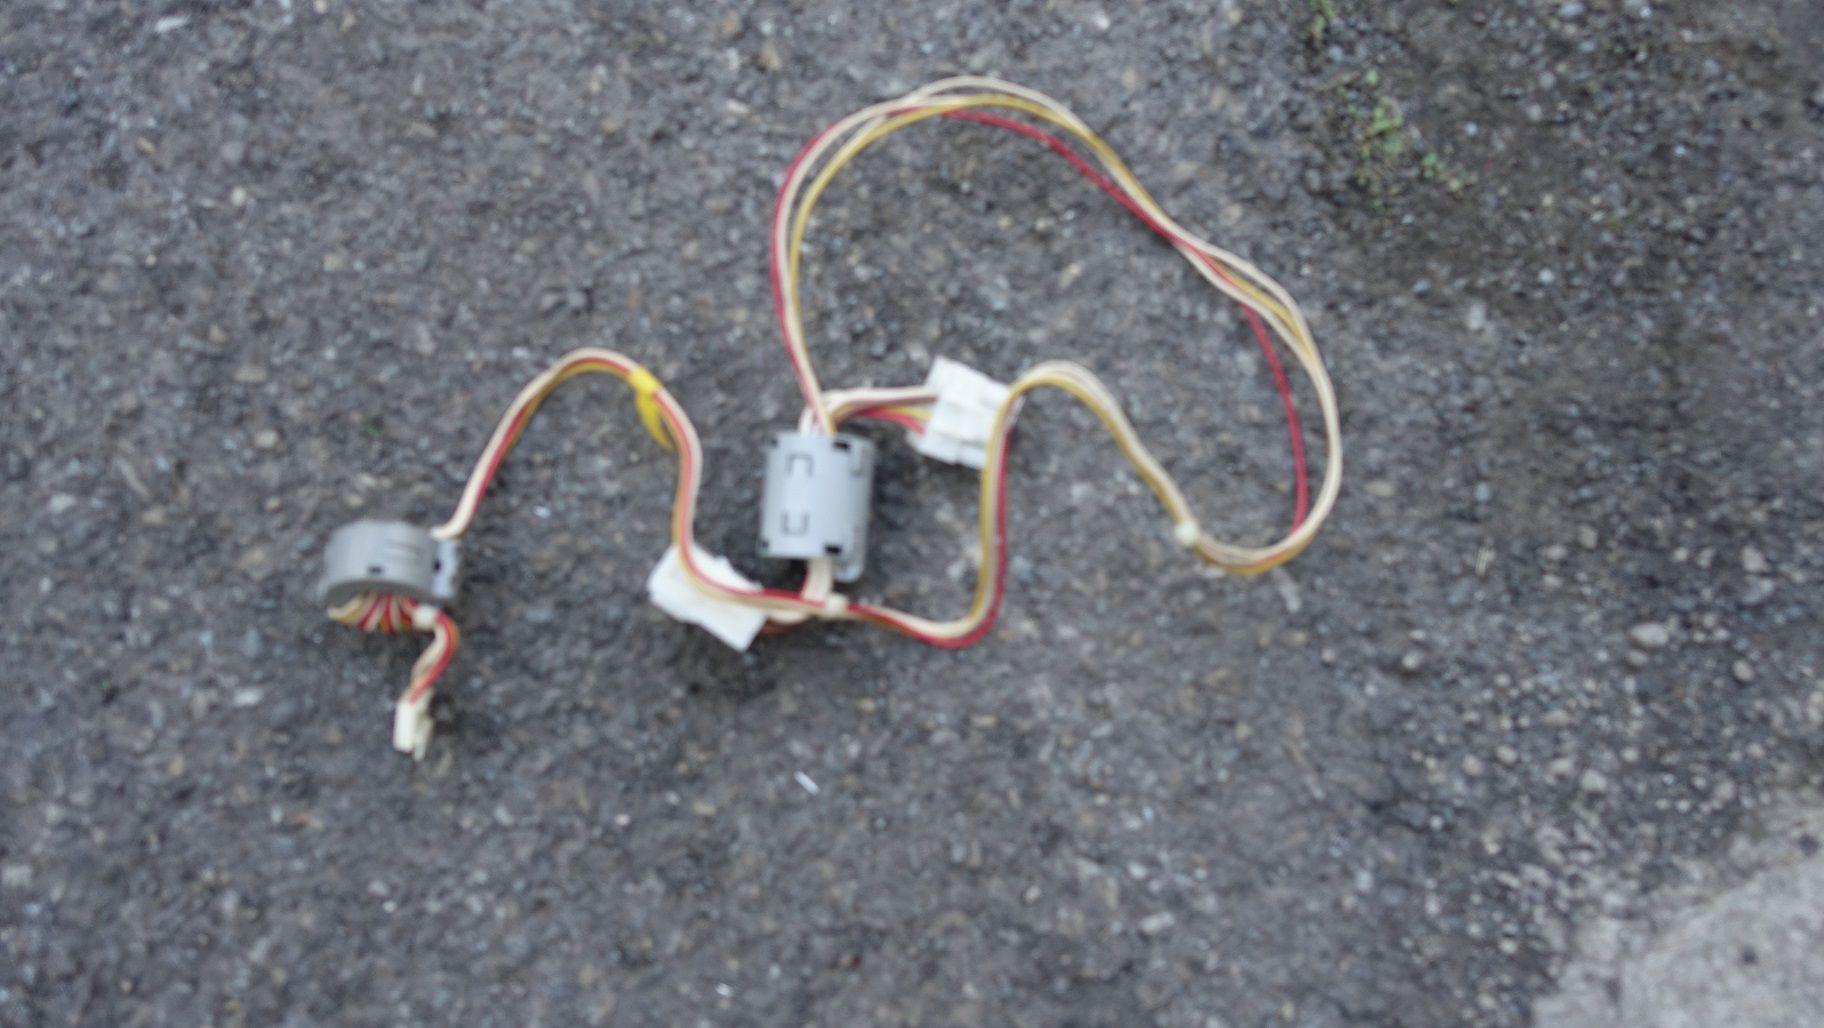 GD ROM POWER SPLITTER CABLE GDROMPOWERSPLITTERCABLE